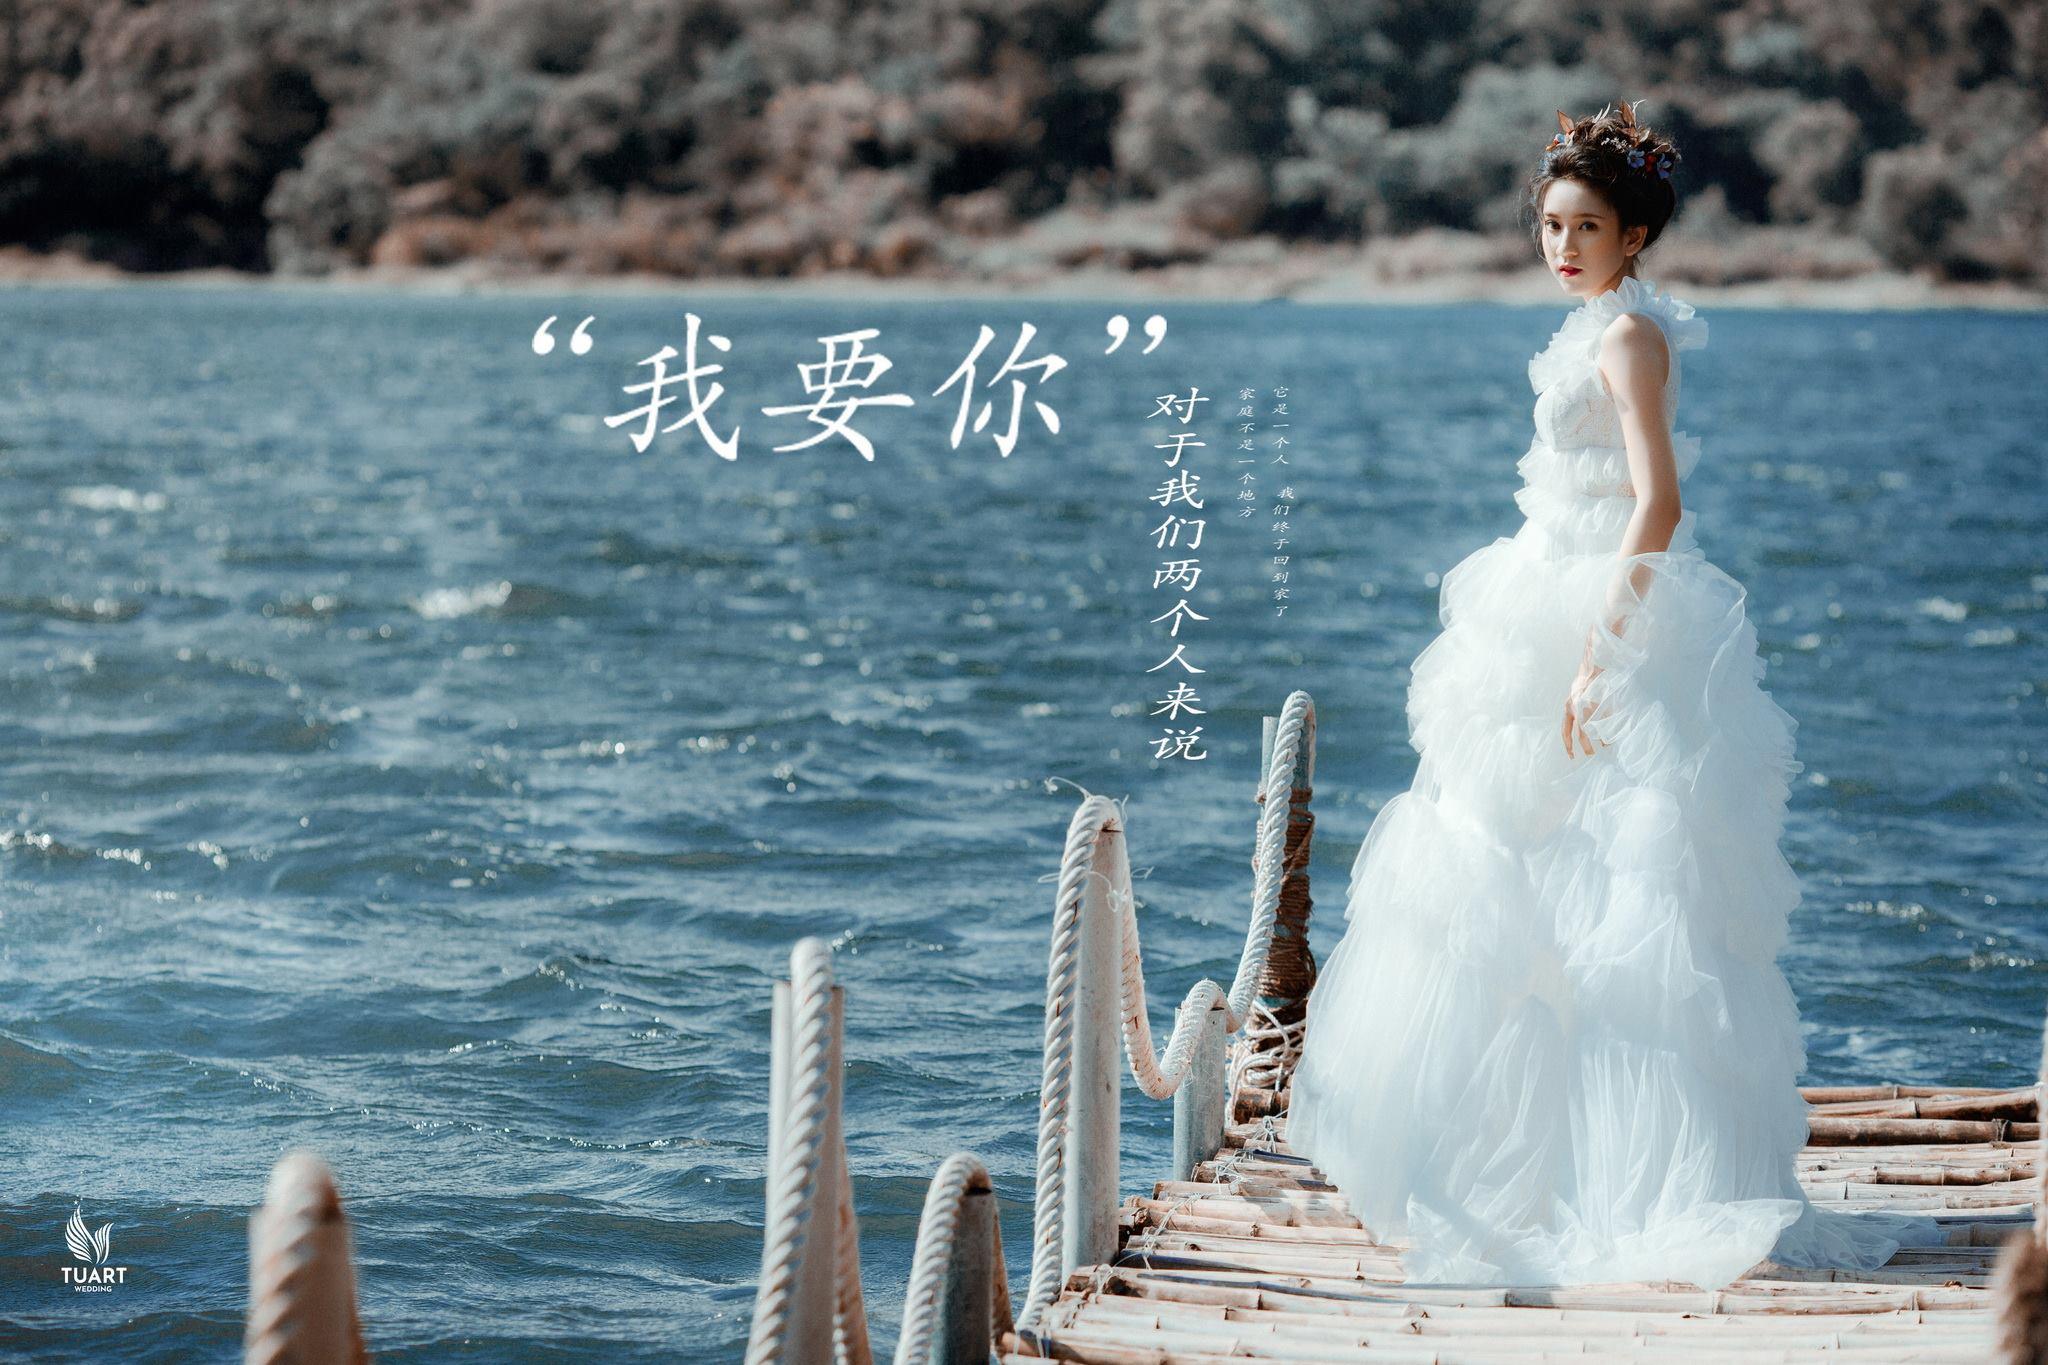 Album chụp ảnh cưới đẹp Hồ Xanh-Nắng đầu mùa 6